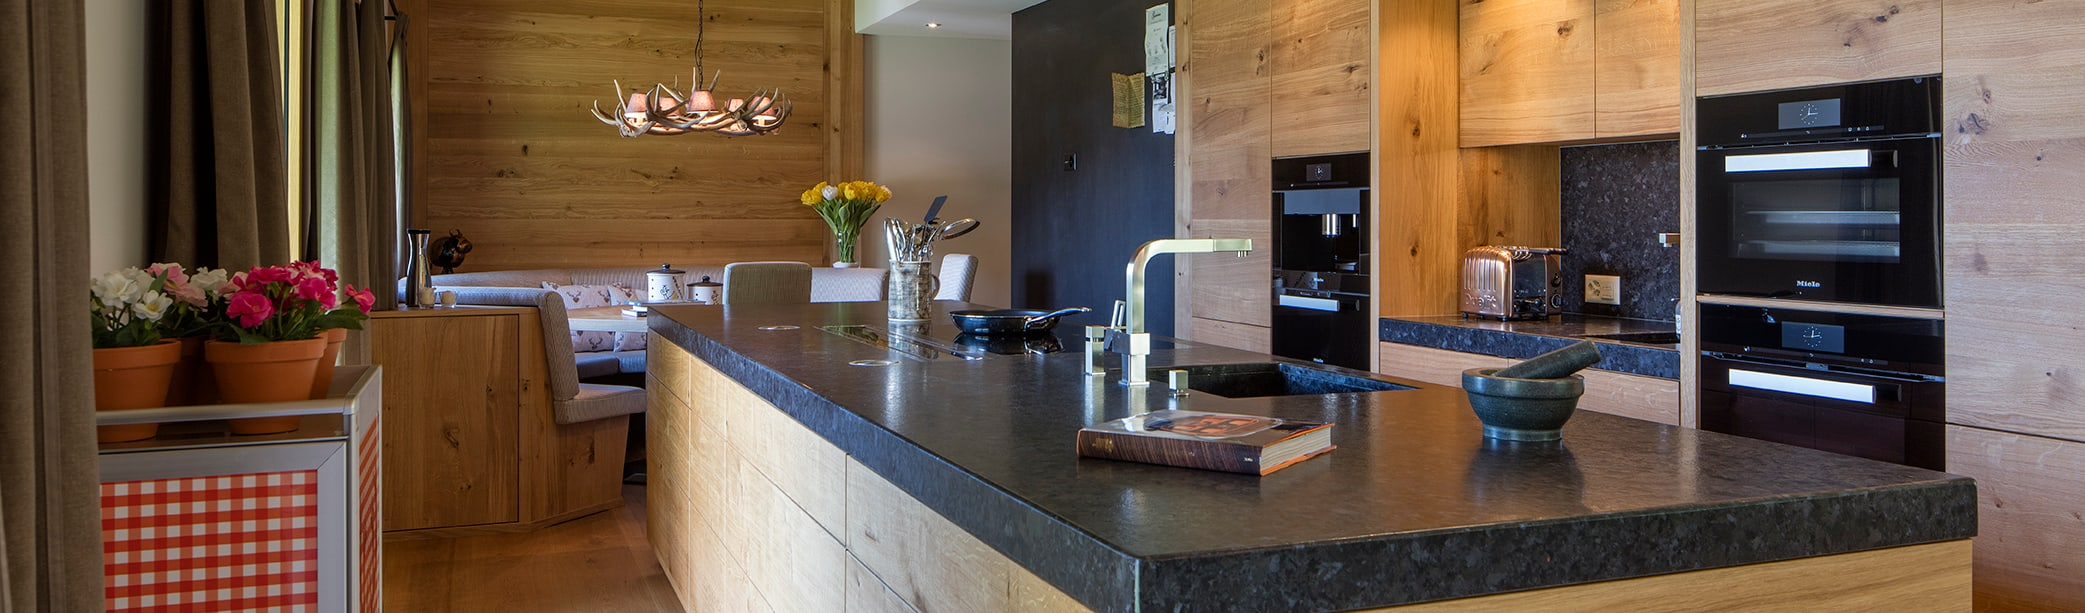 Küche im Shaker Style von BAUR WohnFaszination GmbH | homify